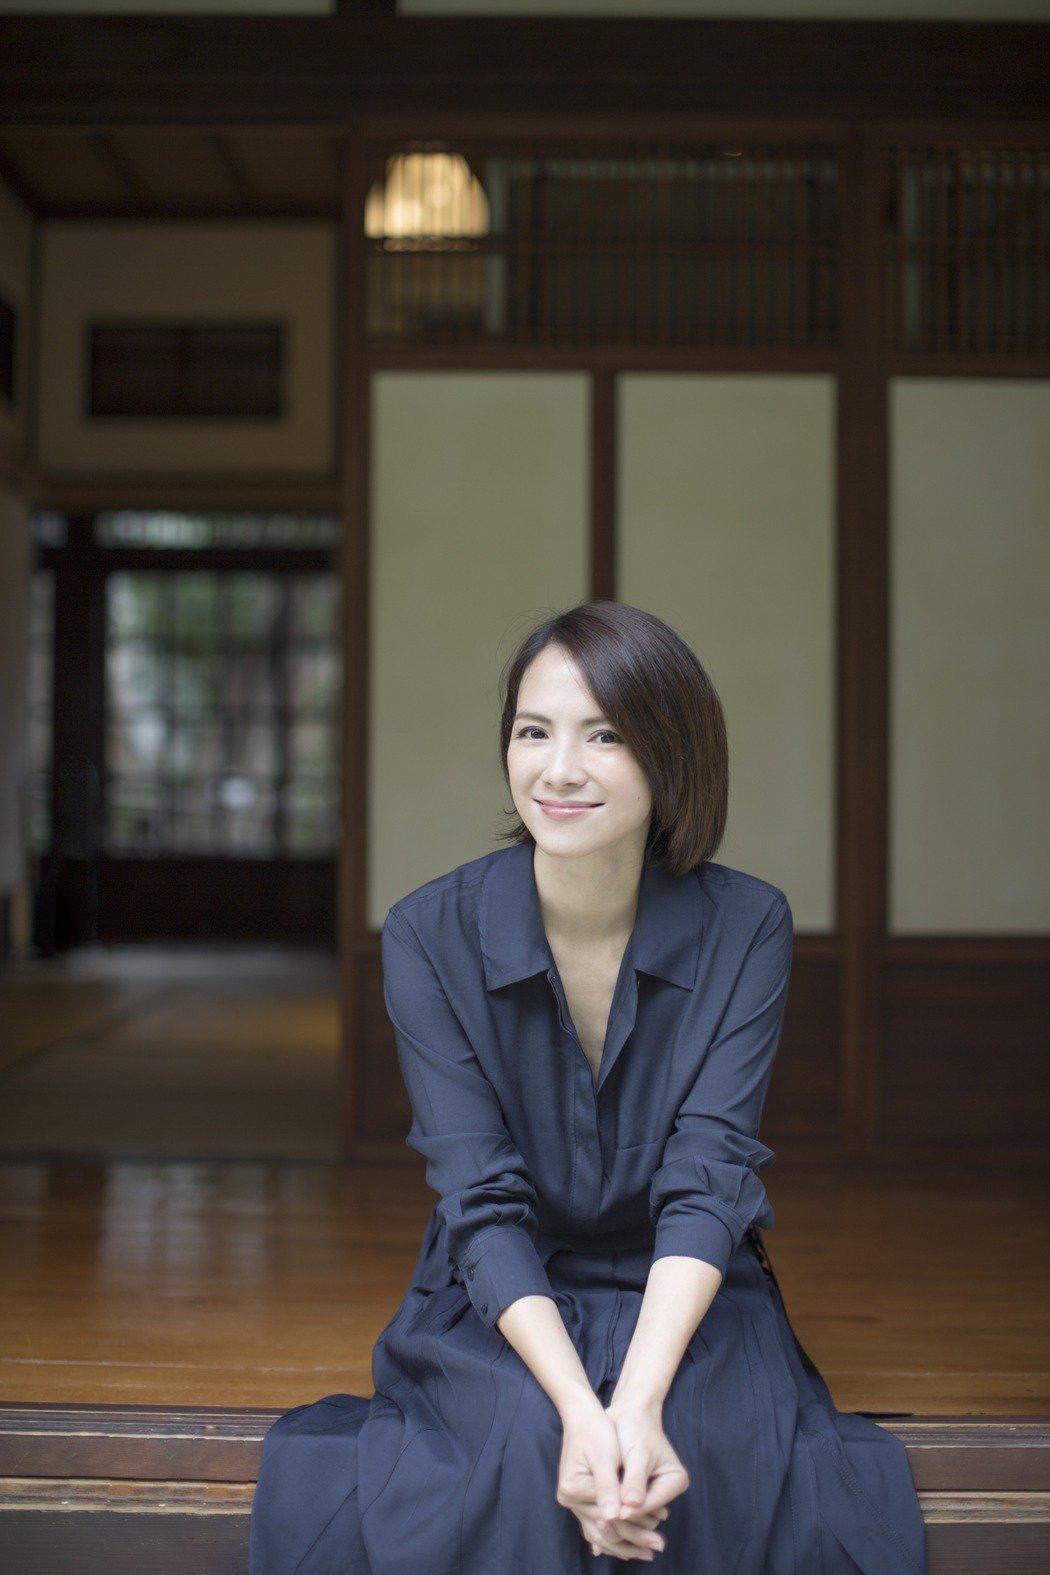 李心潔在台灣成名,多年以來一直對台灣充滿感情。圖/甲上娛樂提供